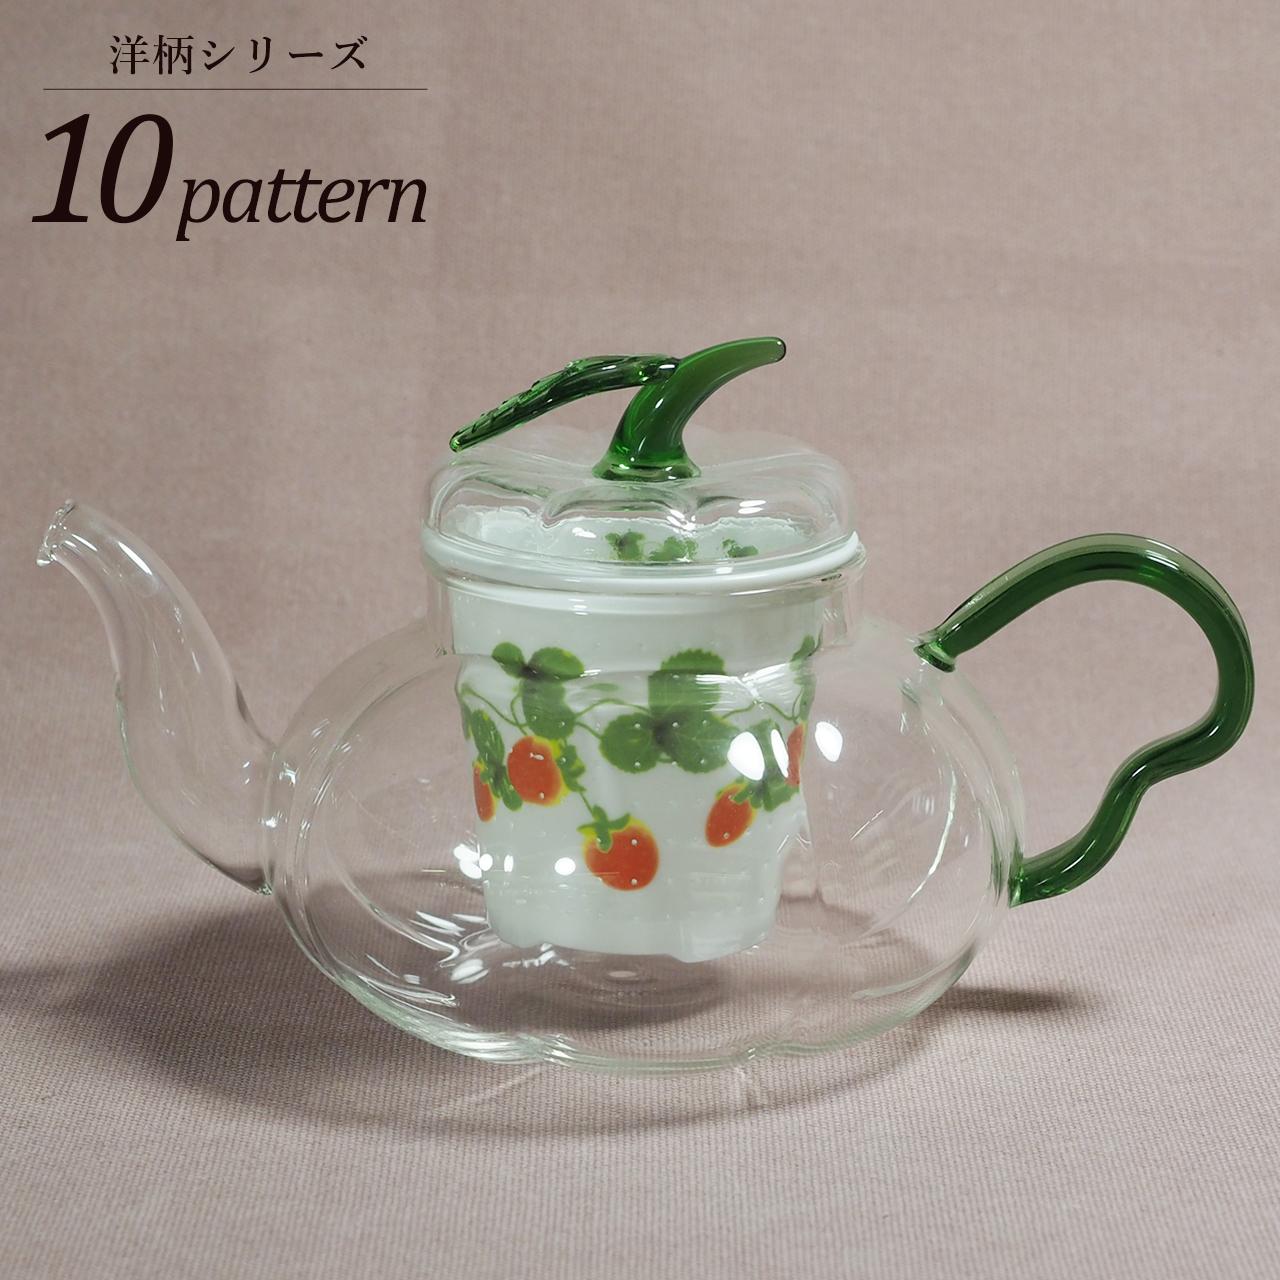 パンプキンポット グリーン 洋柄シリーズ 10-013-B